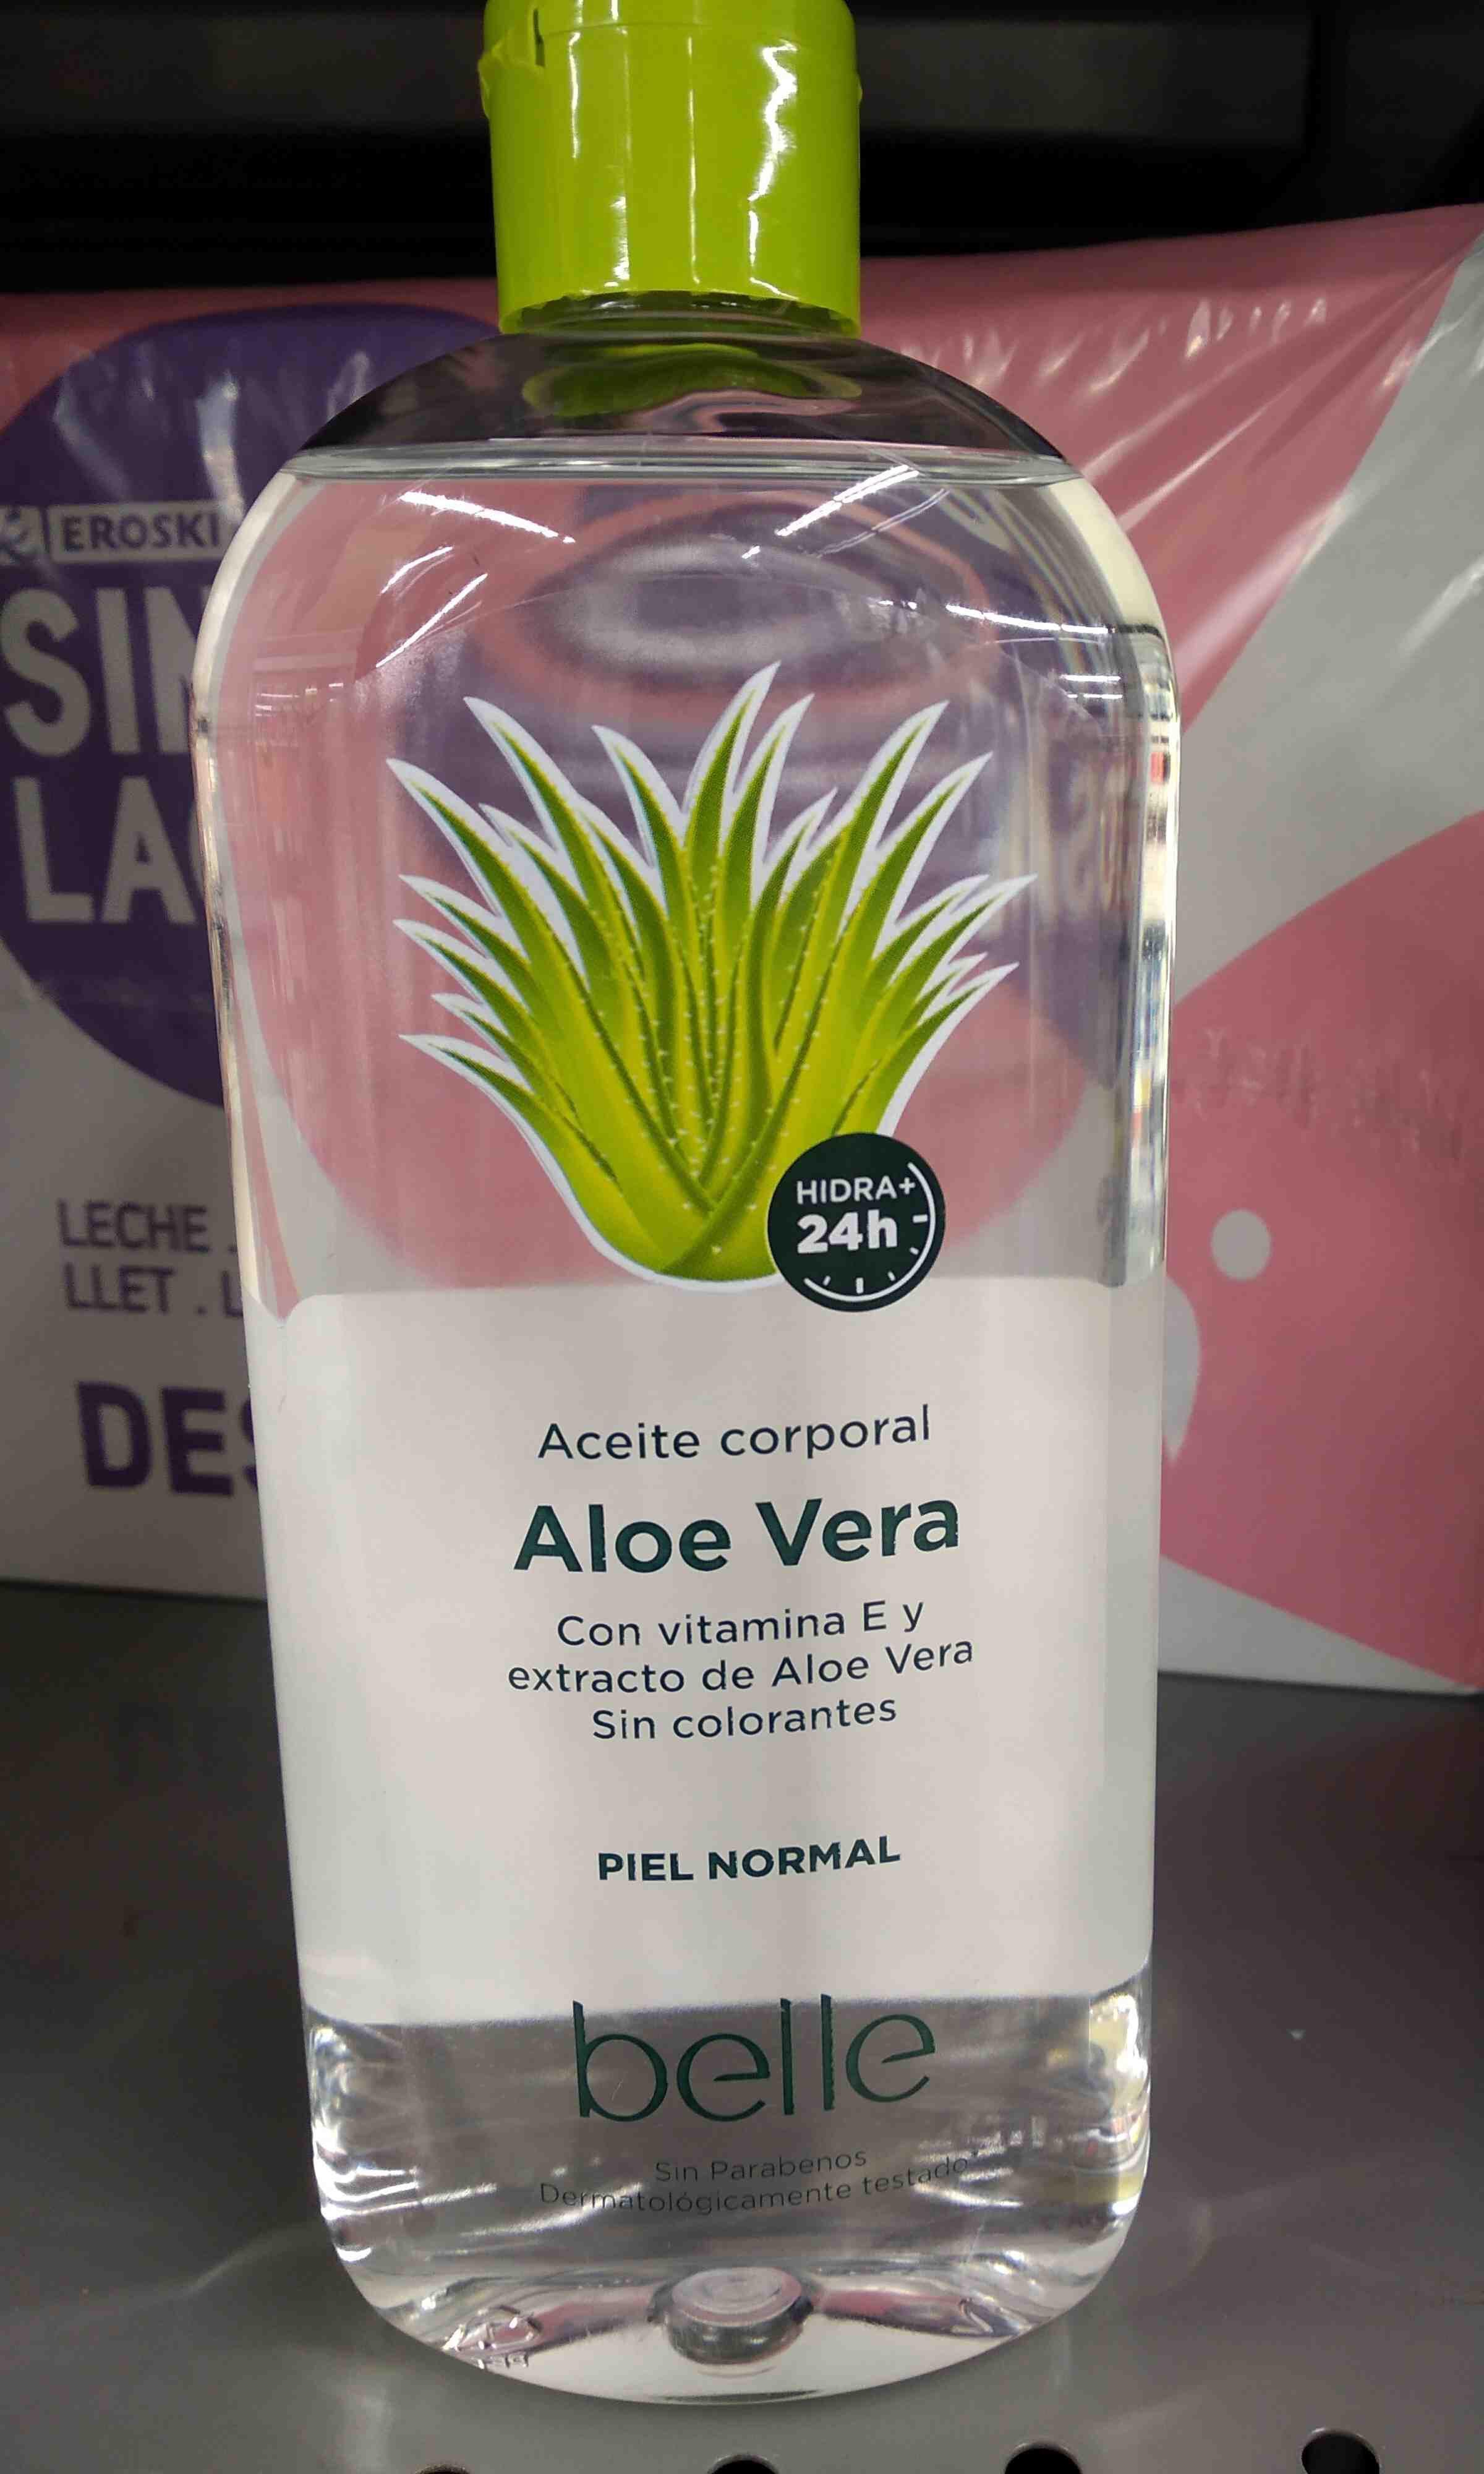 Aceite corporal aloe vera - Product - en